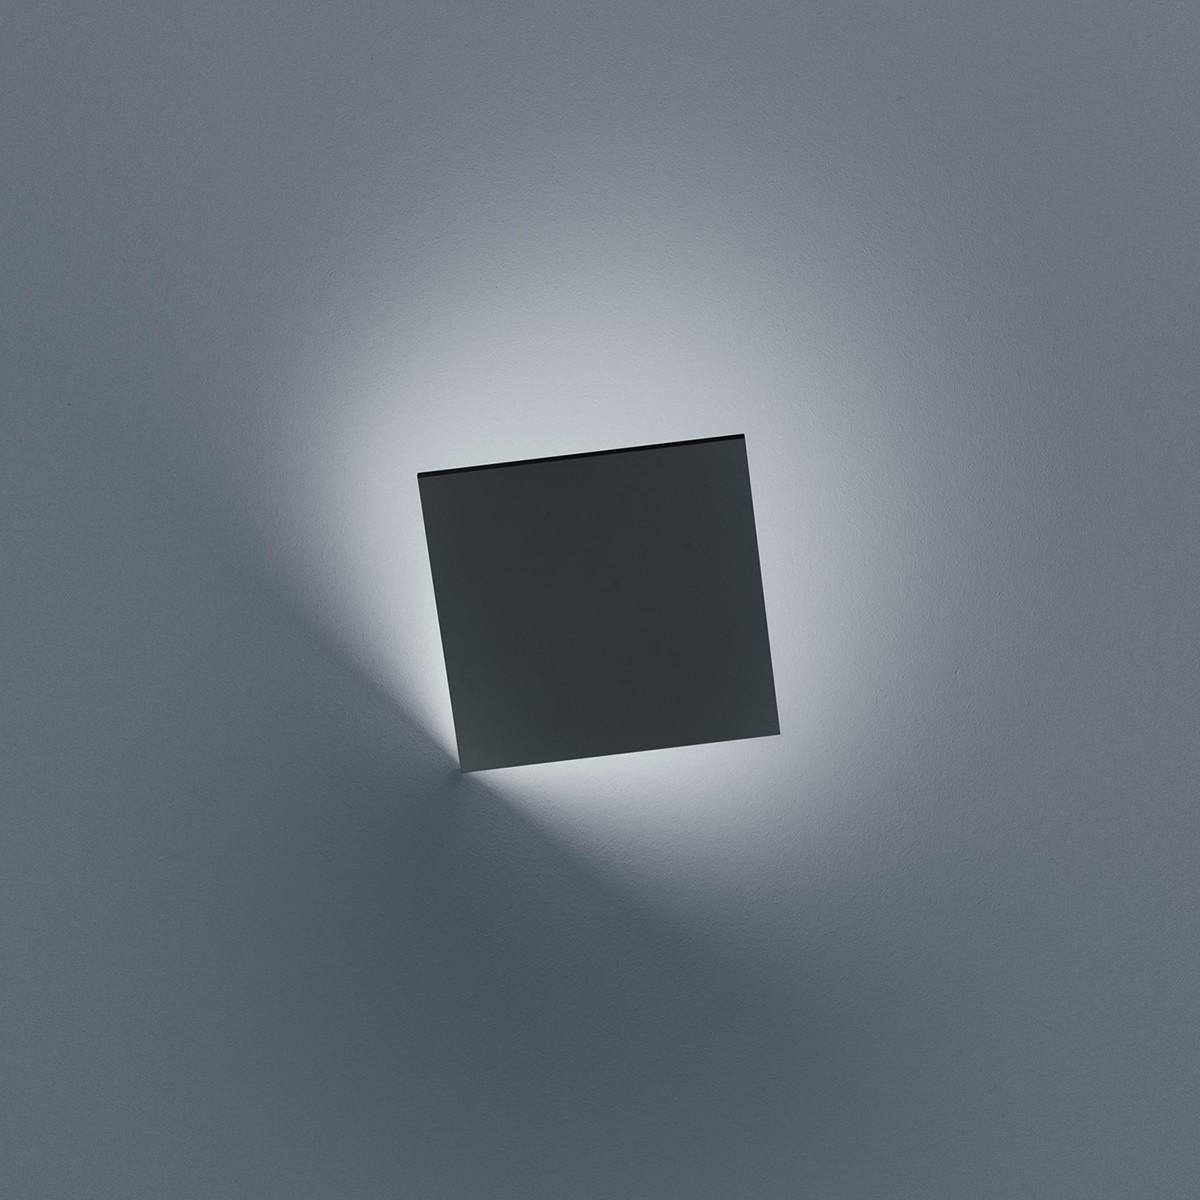 Helestra Meta LED Außenwandleuchte, graphit